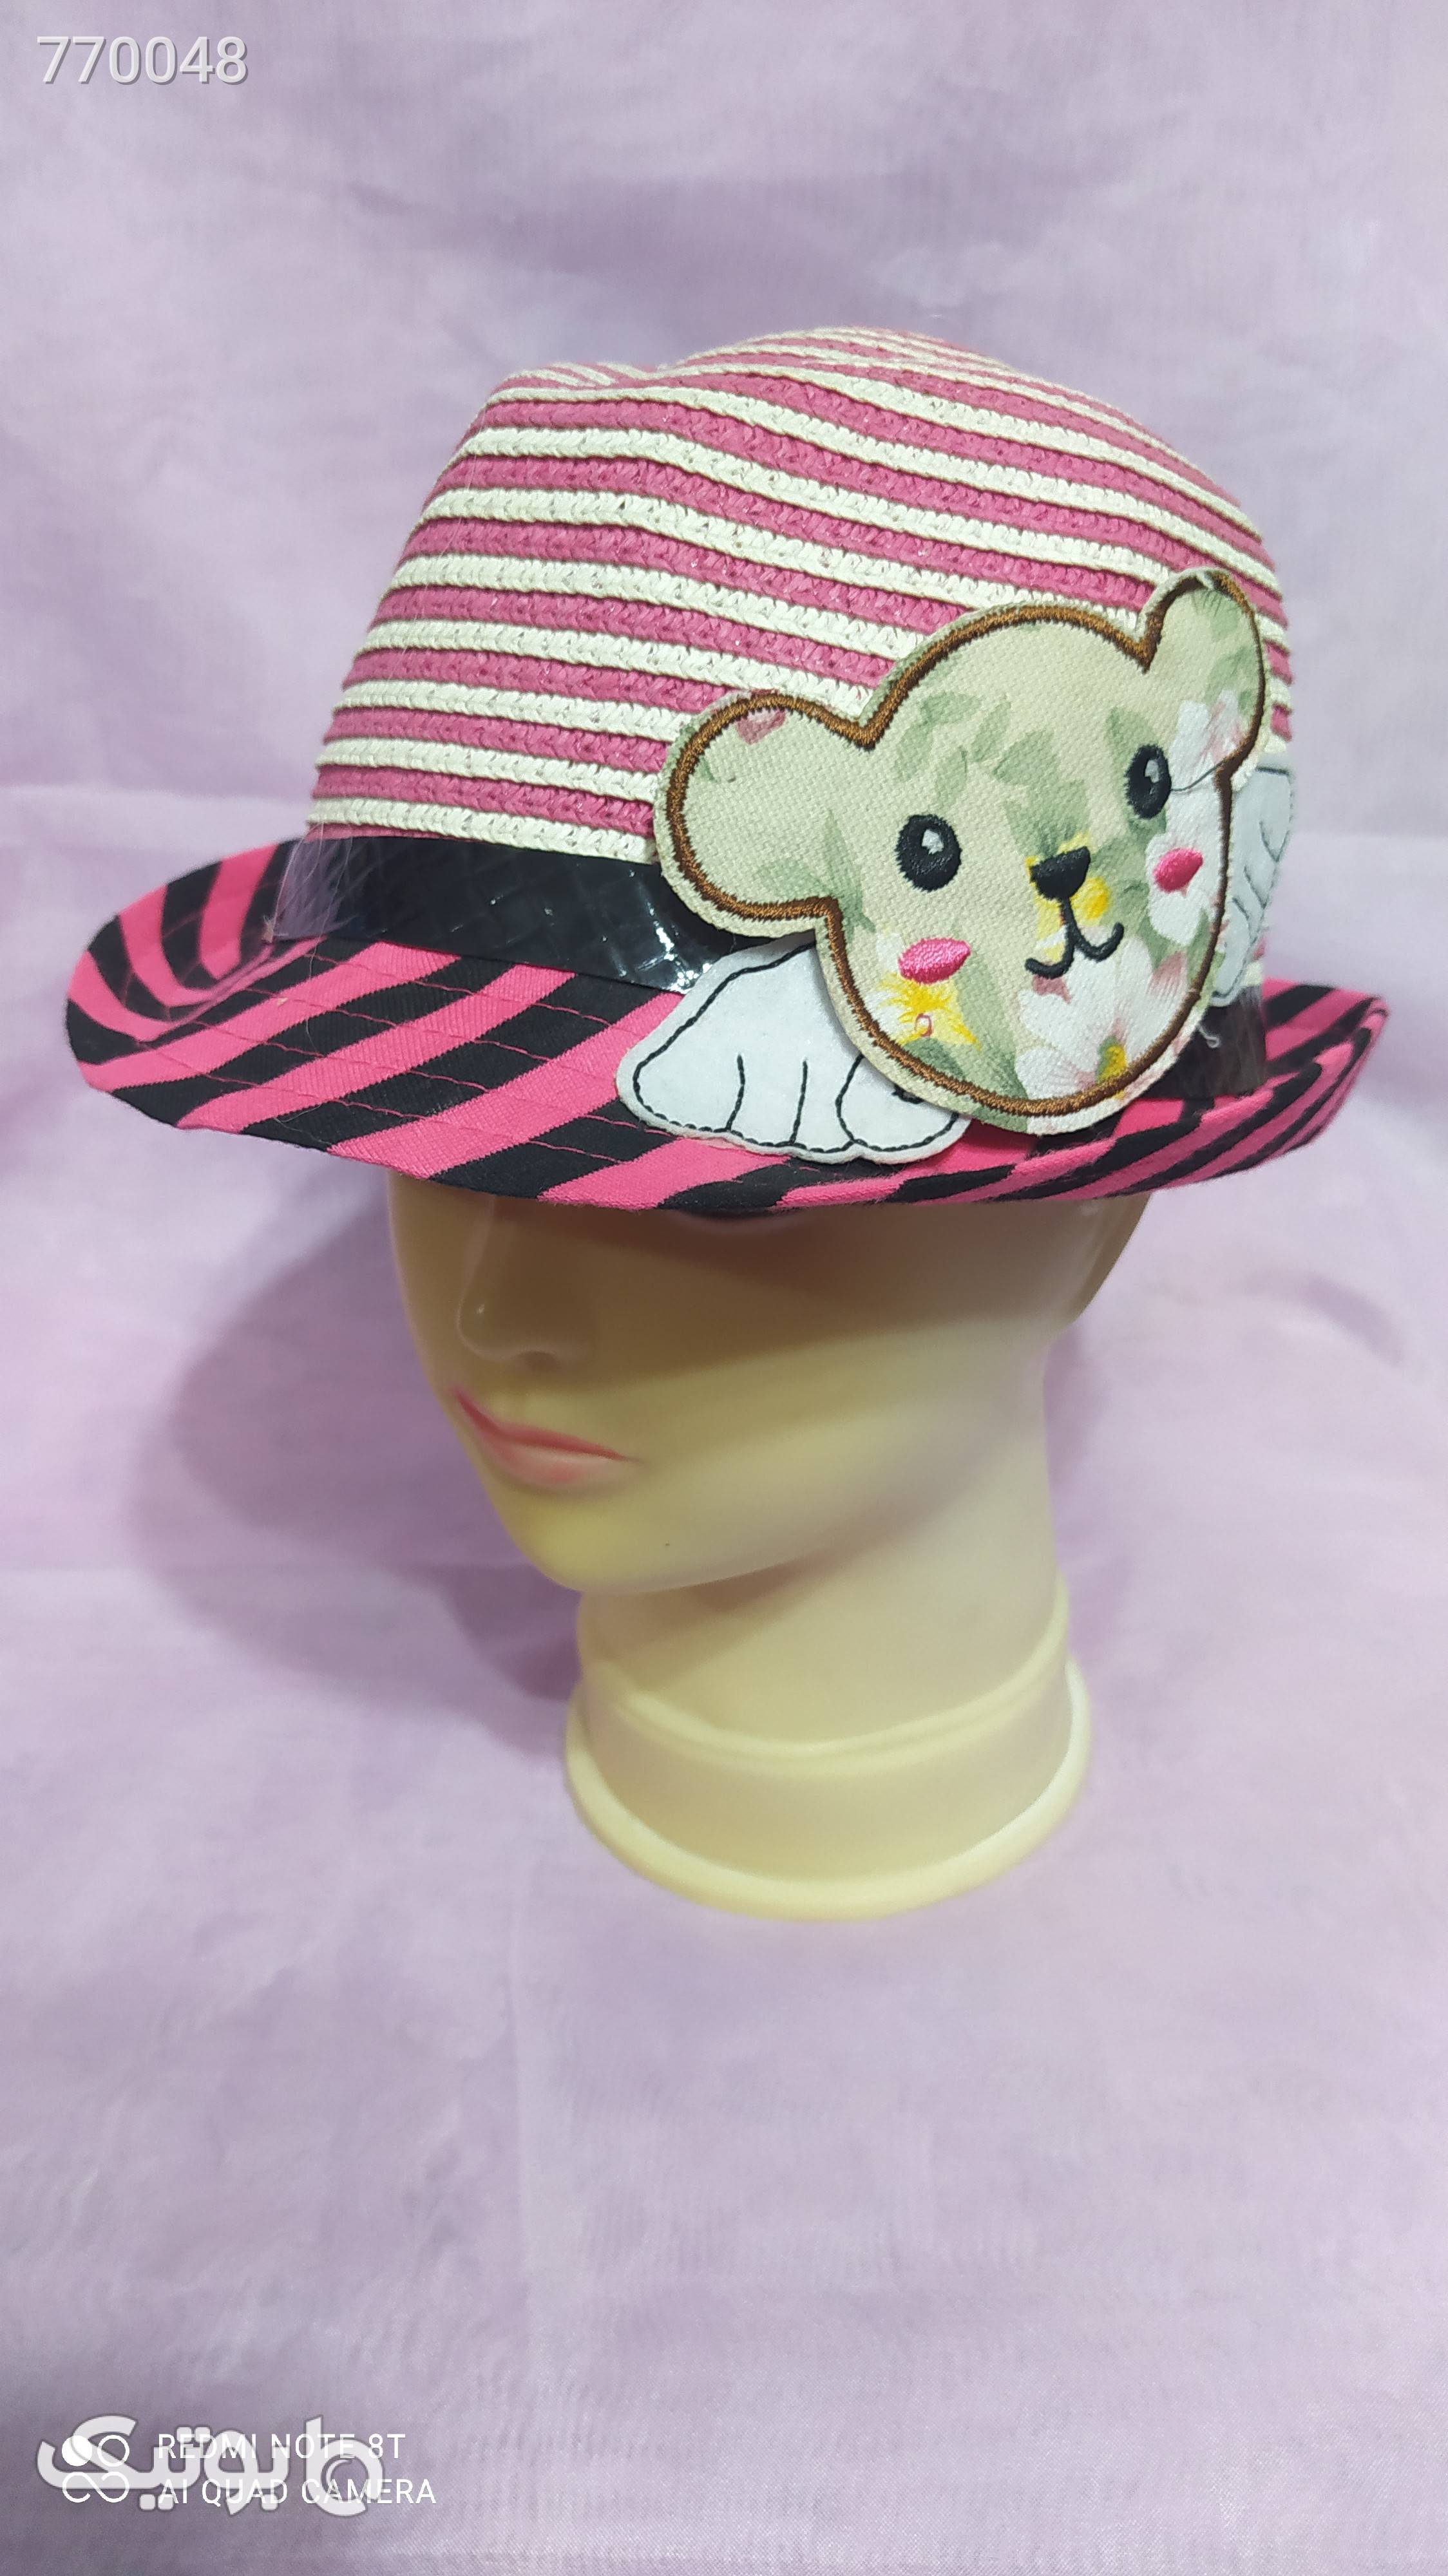 کلاه بچگانه صورتی کلاه و اسکارف